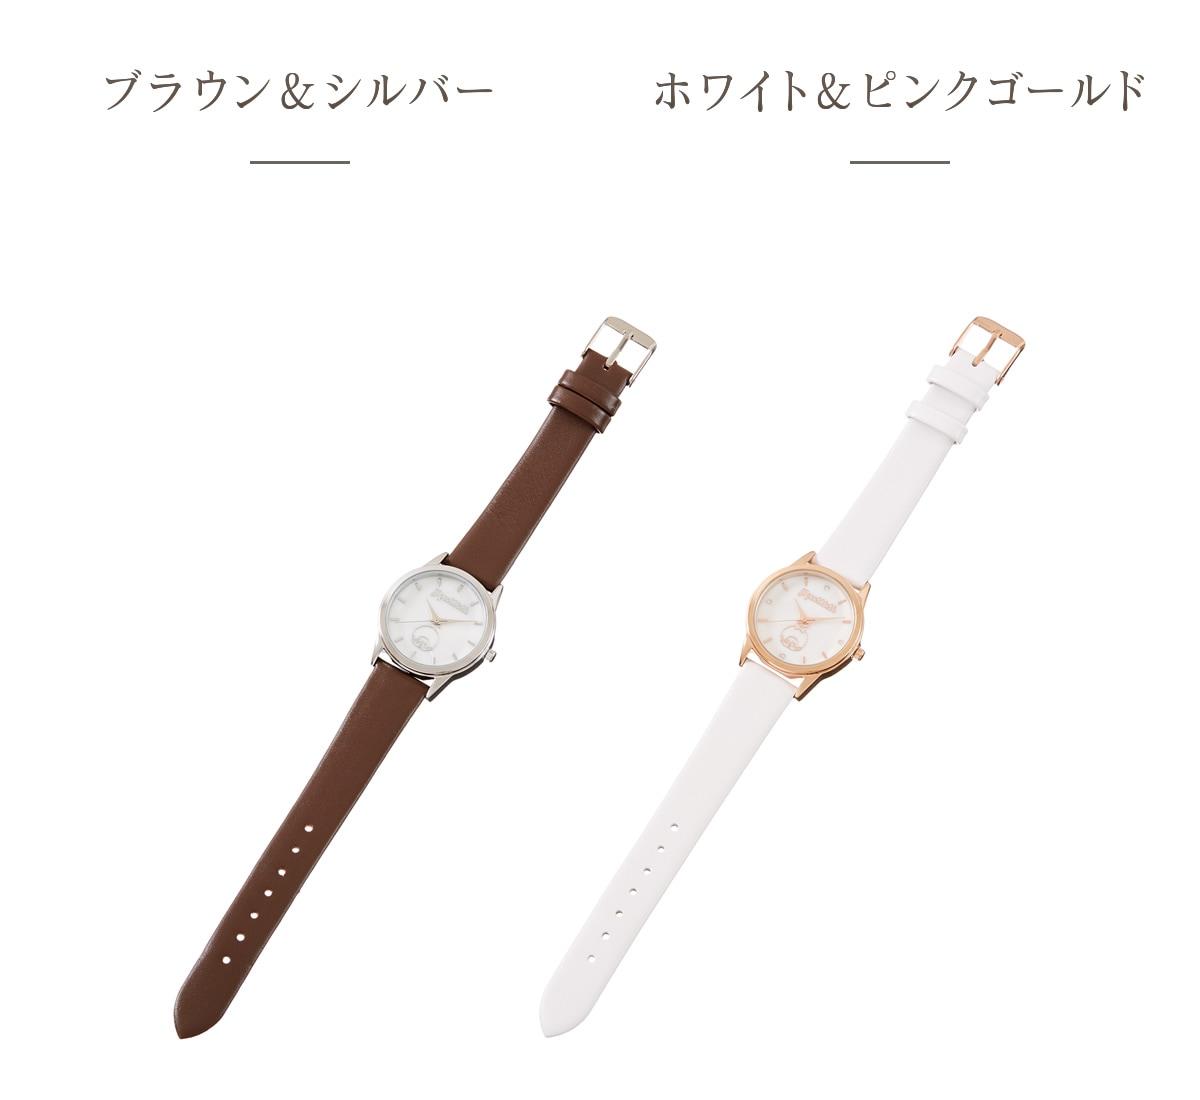 モンチッチ腕時計セット 写真1